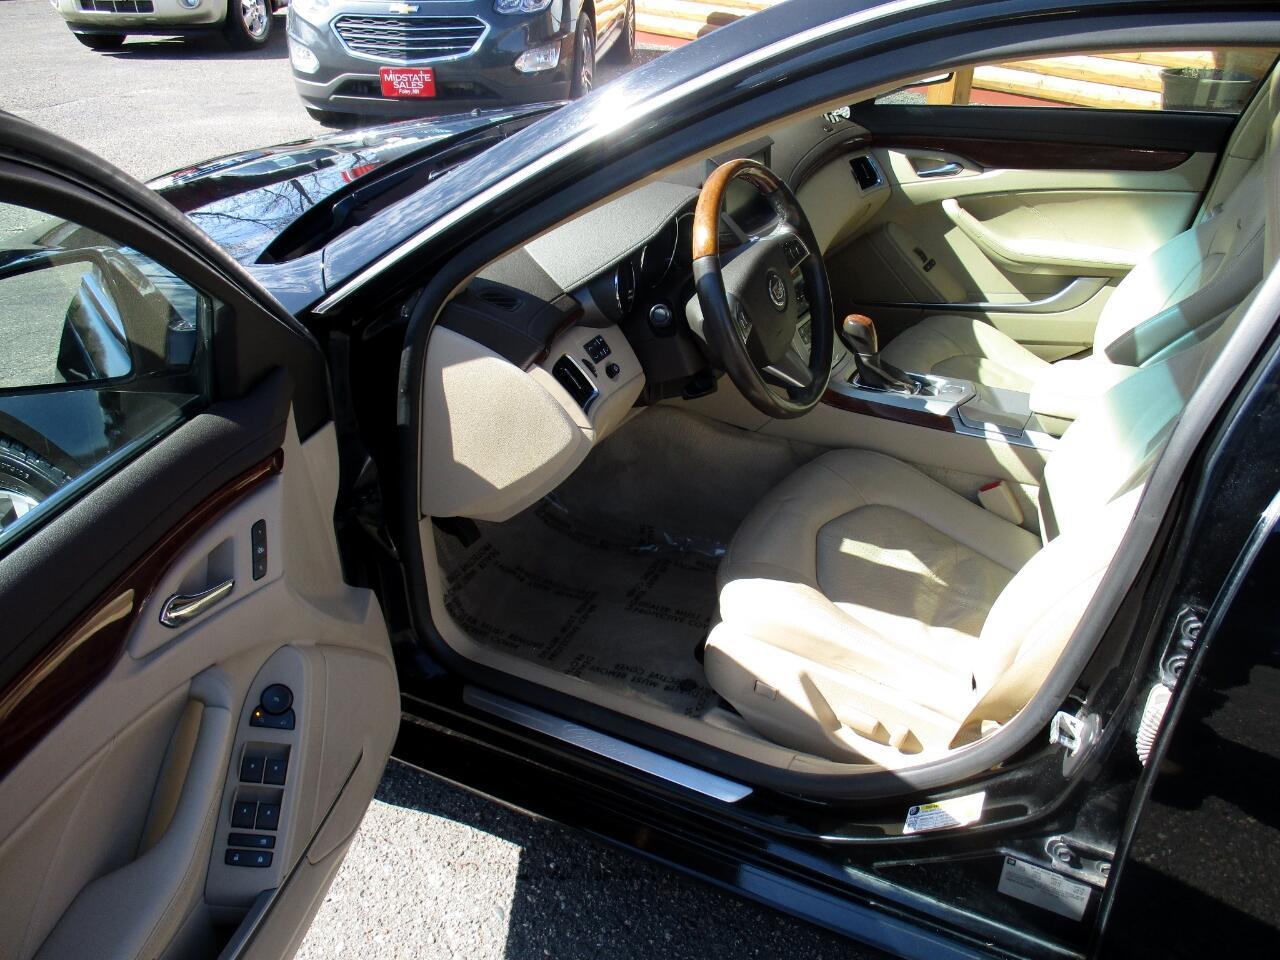 2008 Cadillac CTS 4dr Sdn AWD w/1SB